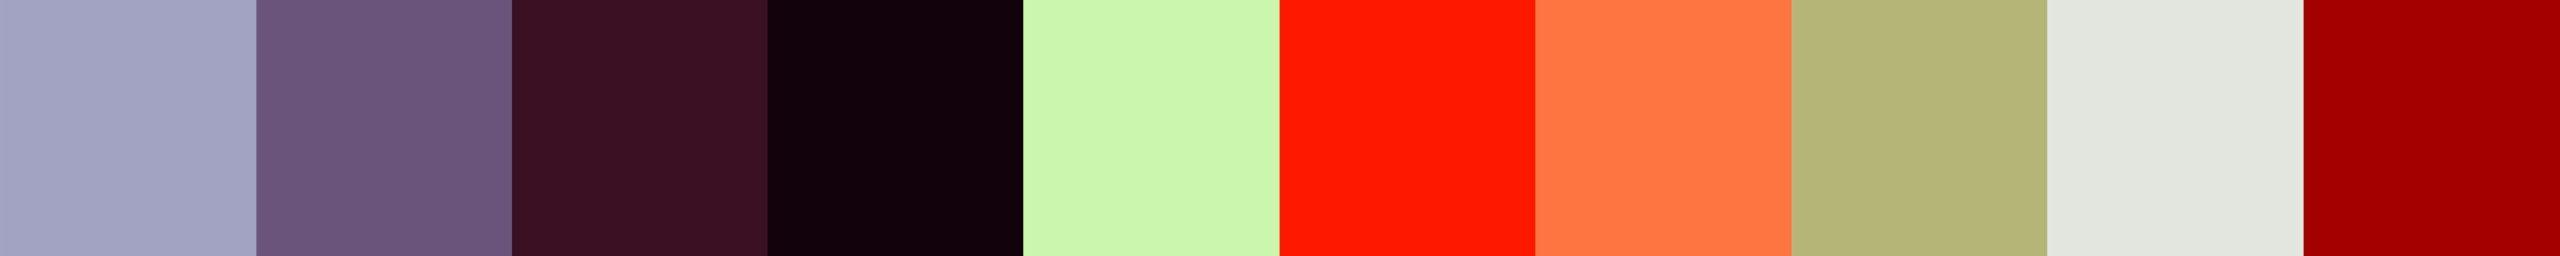 215 Amajira Color Palette